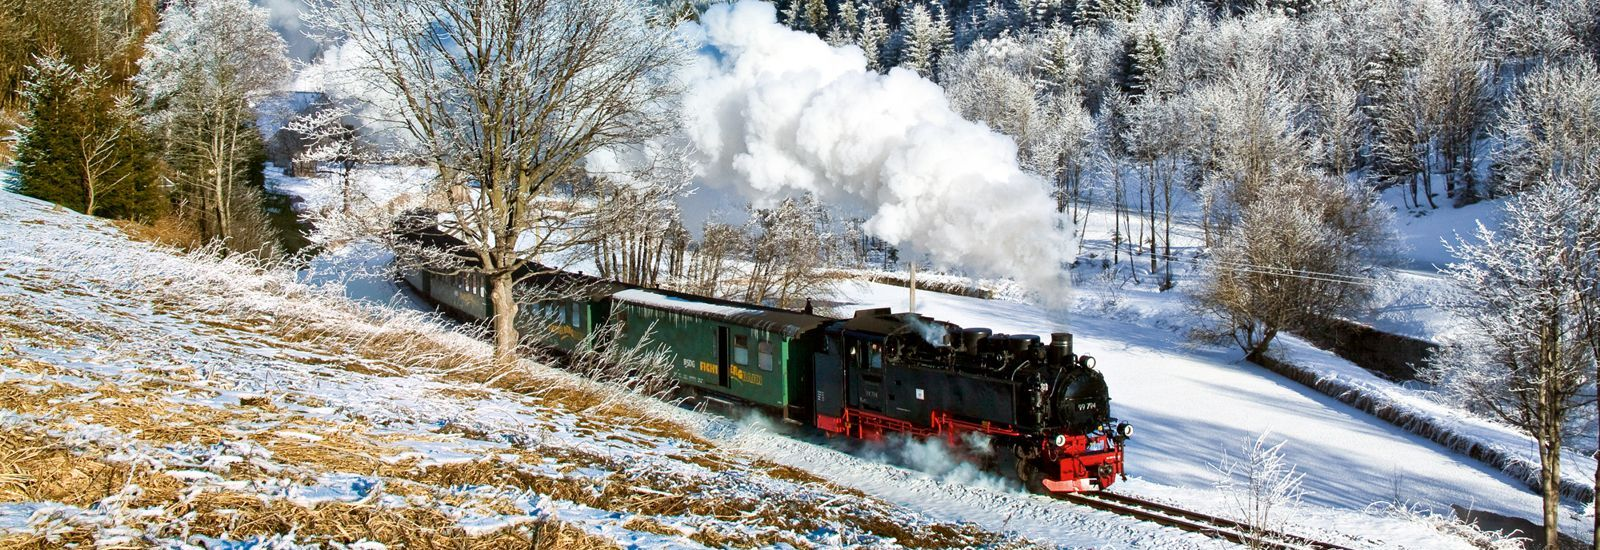 Fichtelbergbahn dampft durch den Raureif des kalten Winters